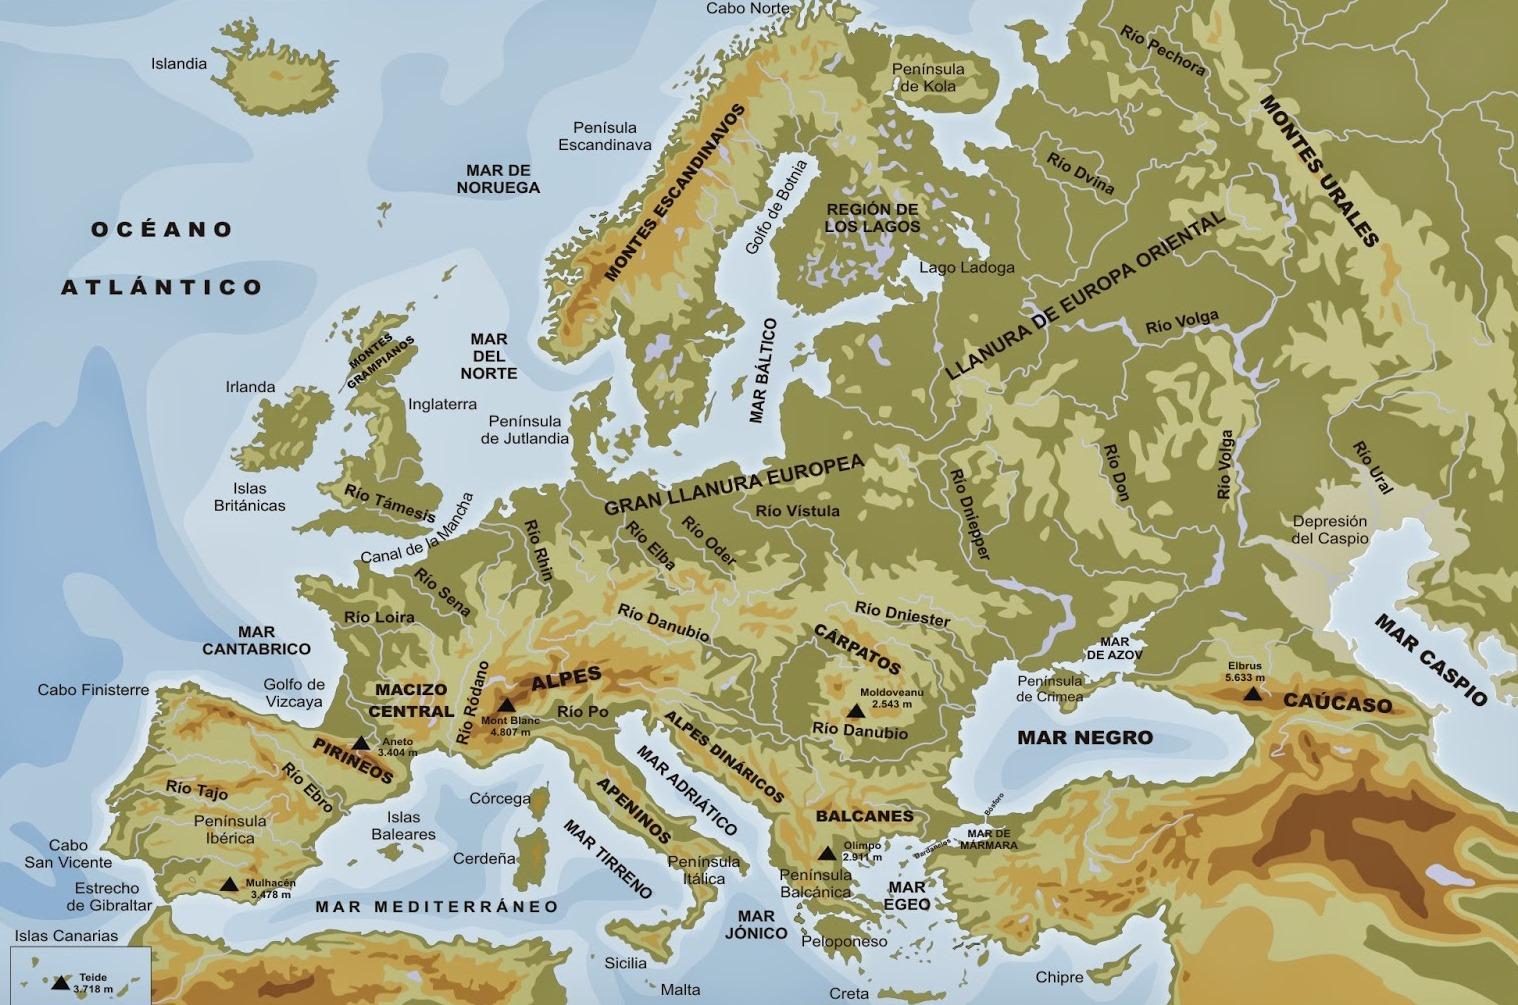 Mapa de montañas y llanuras de Europa